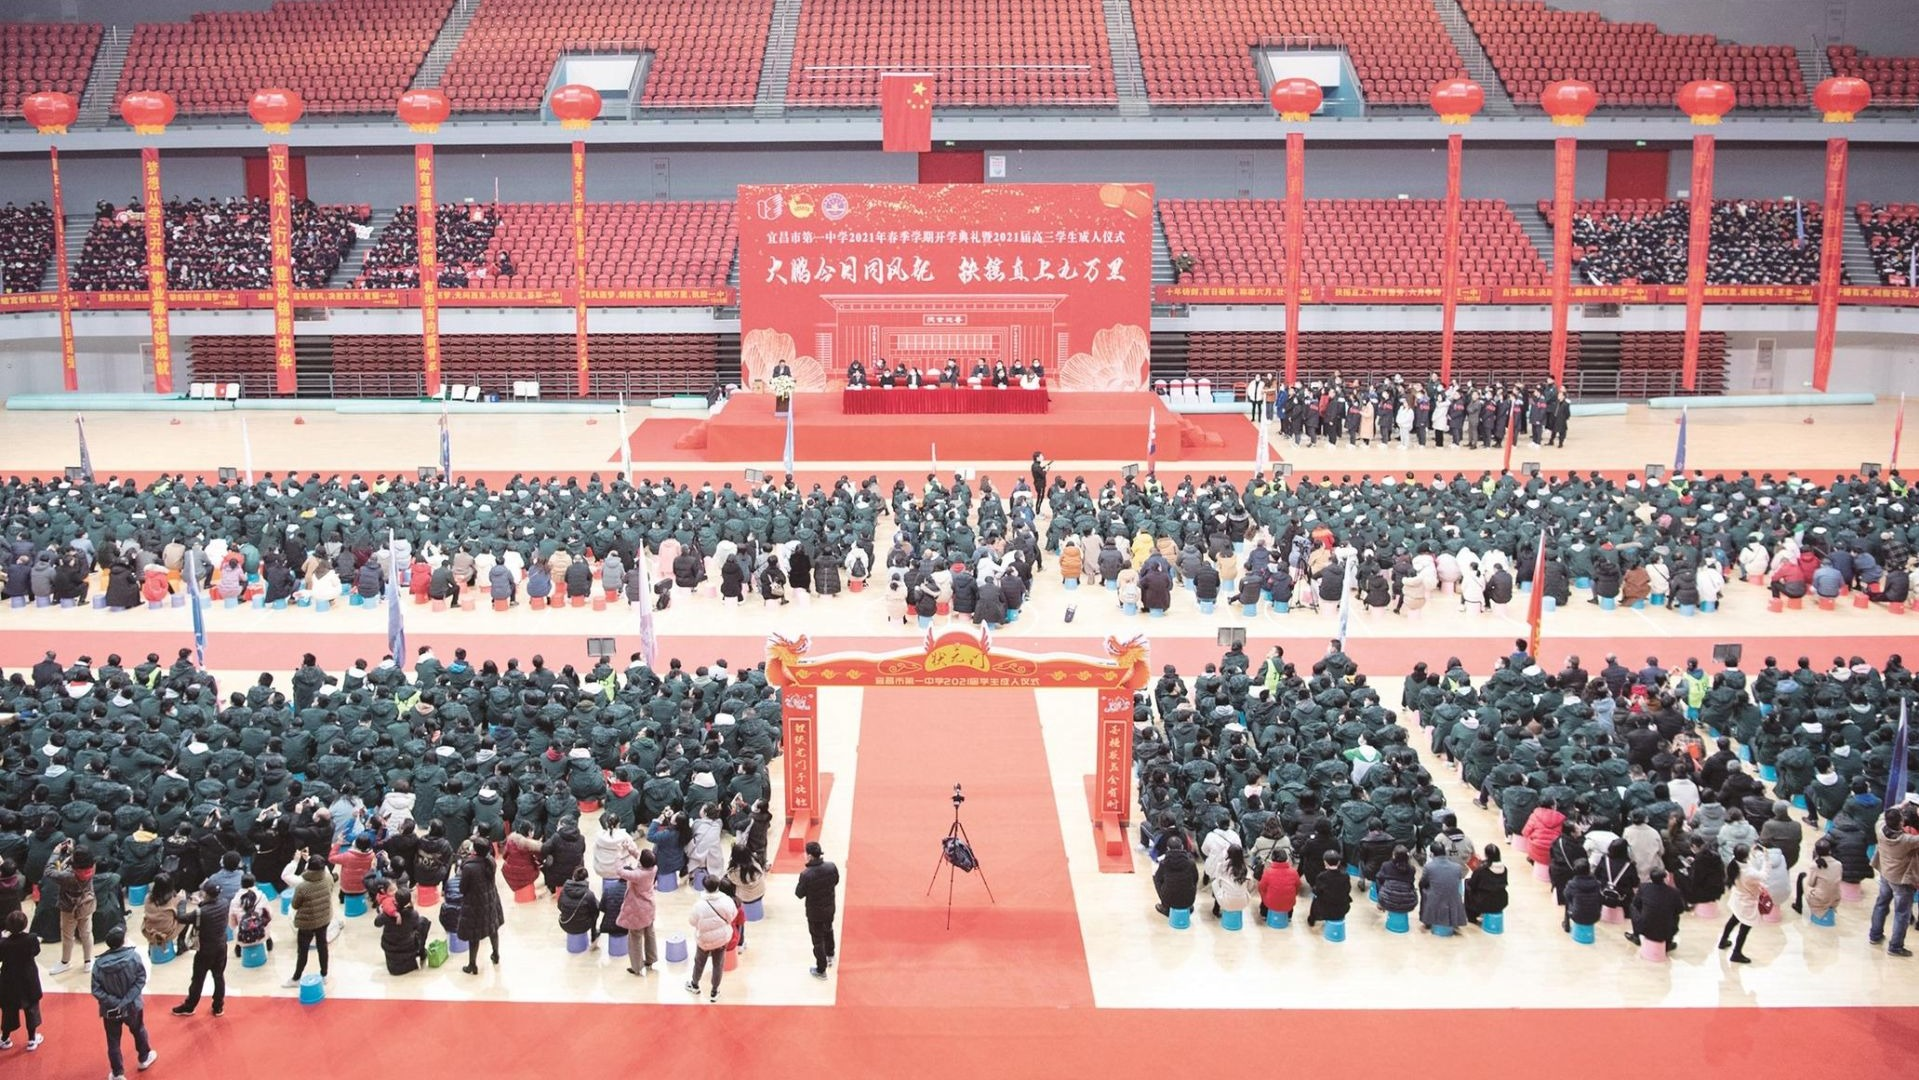 宜昌各高中举办高考冲刺动员会